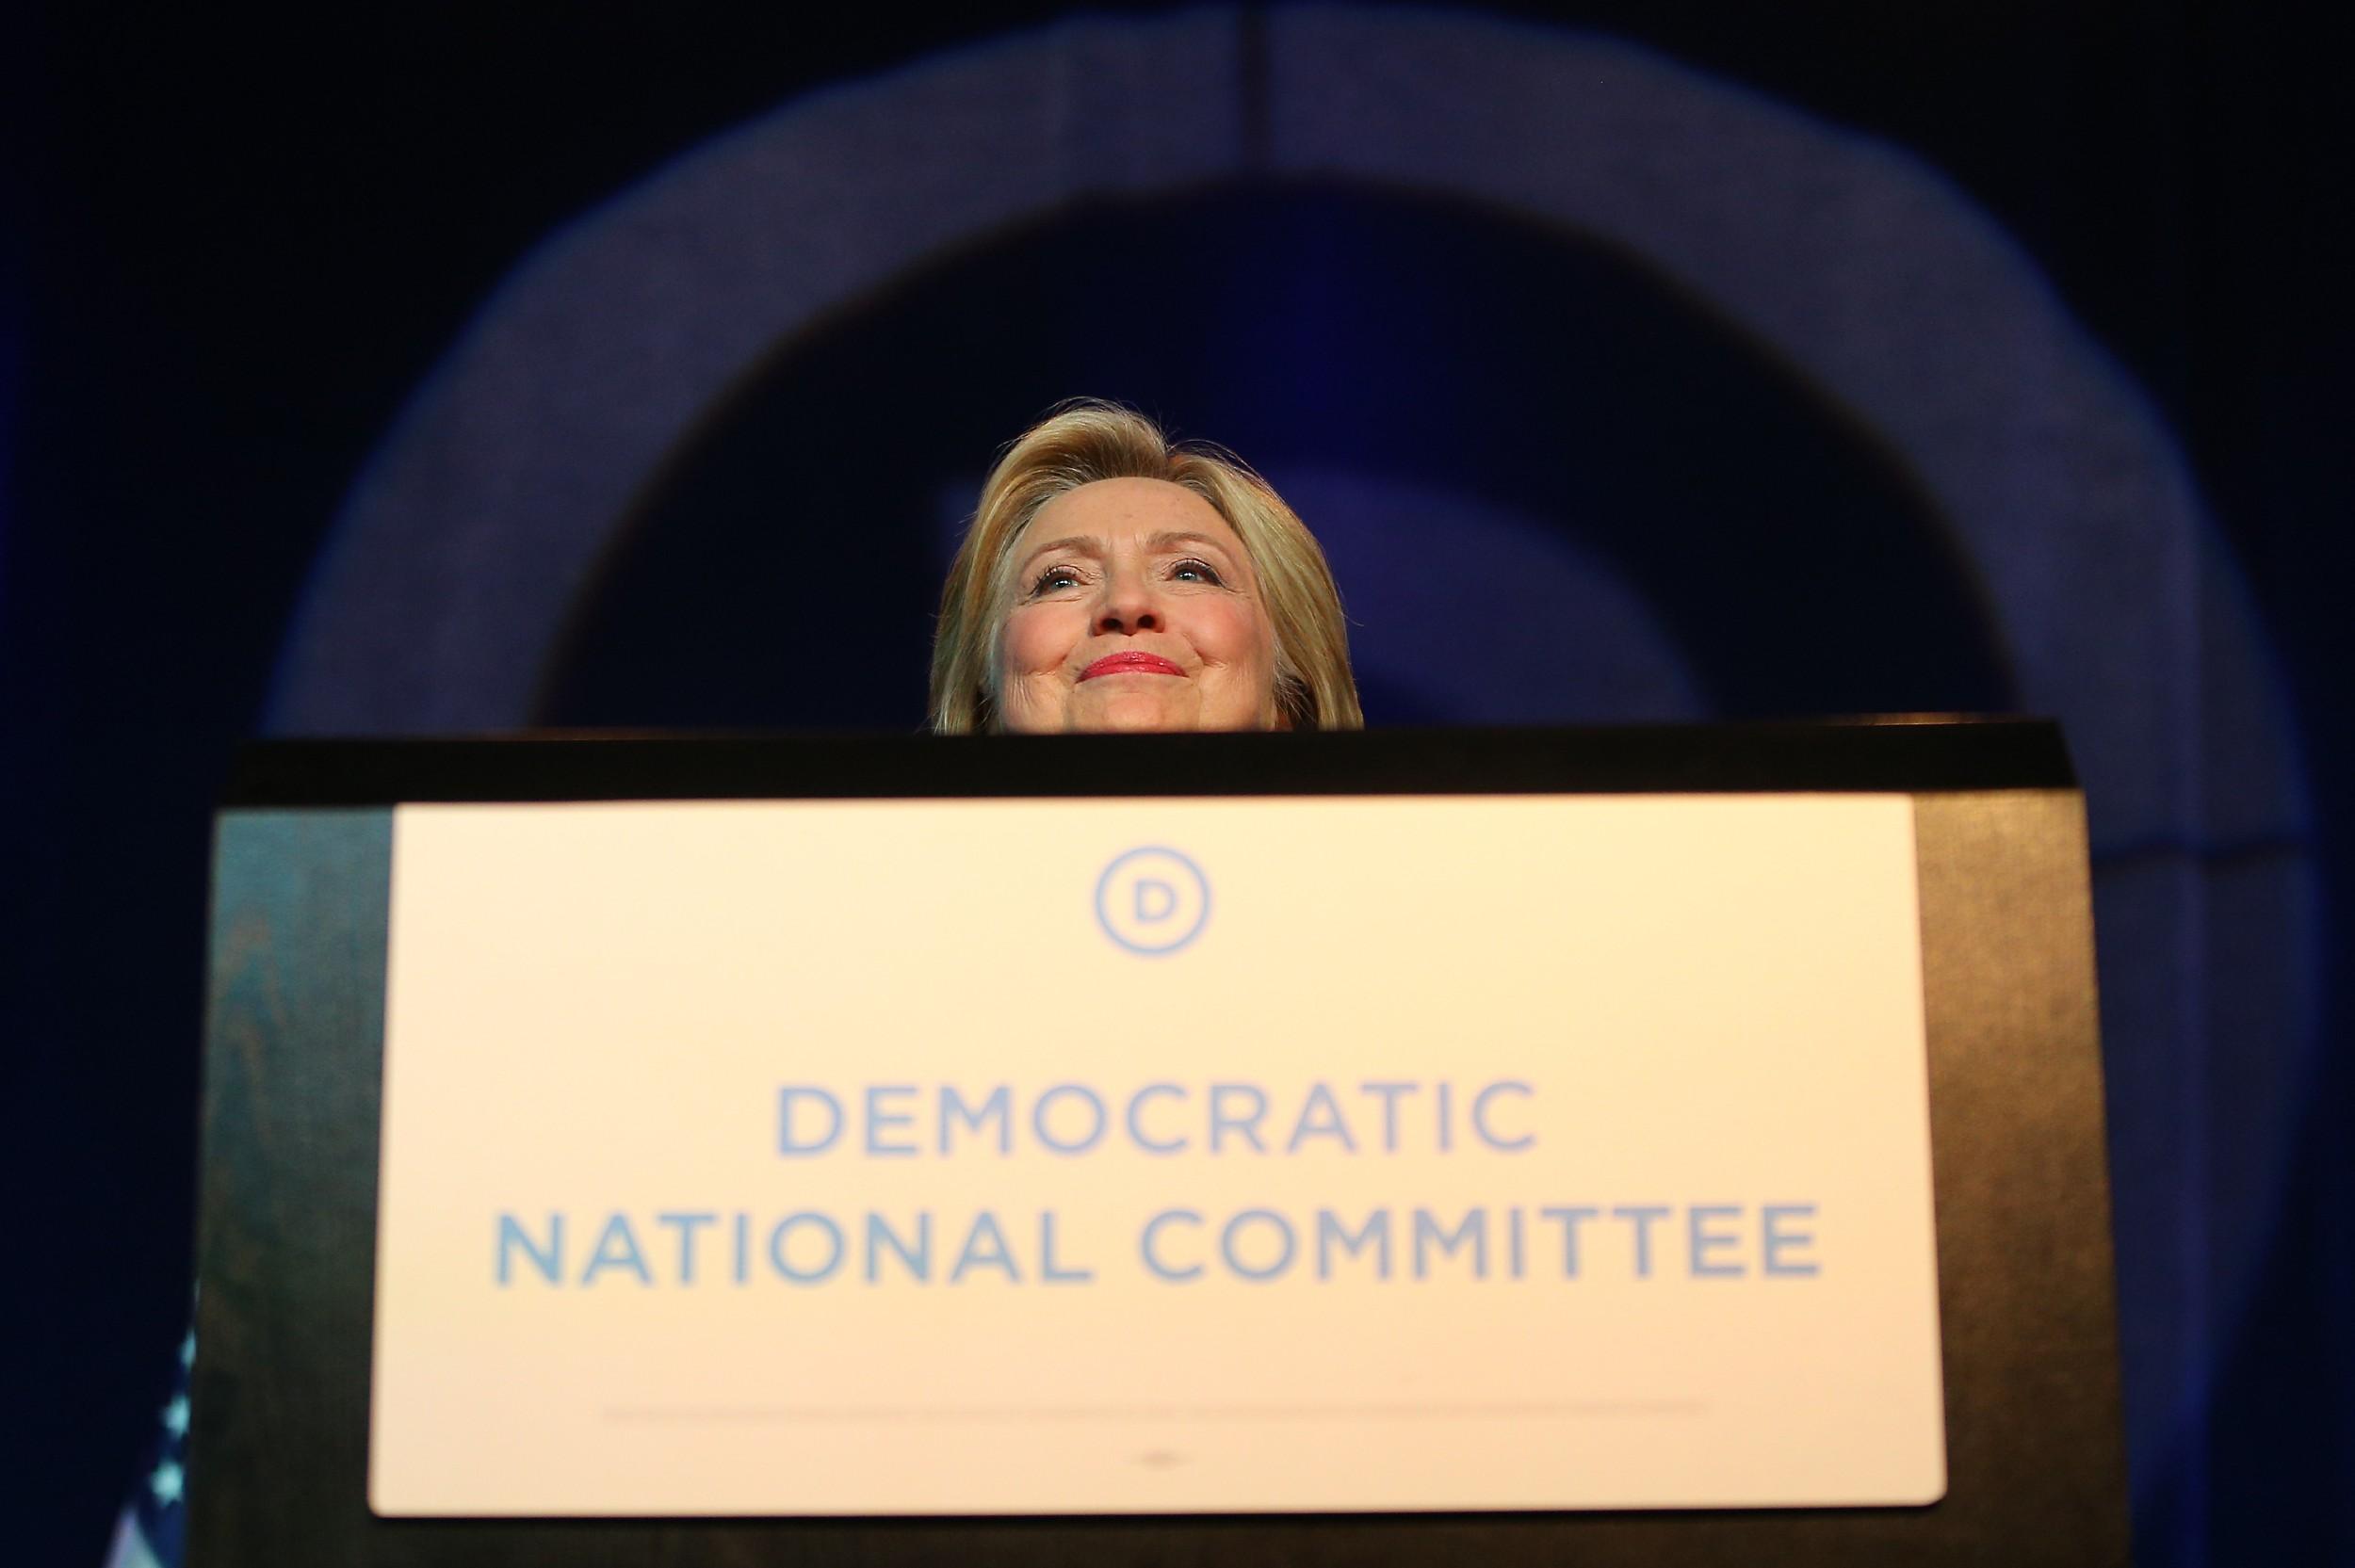 Бивши демократски председнички кандидат Хилари Клинтон говори на летњем састанку Демократског националног комитета, Минеаполис, 28. август 2015. (Фото: Adam Bettcher/Getty Images)